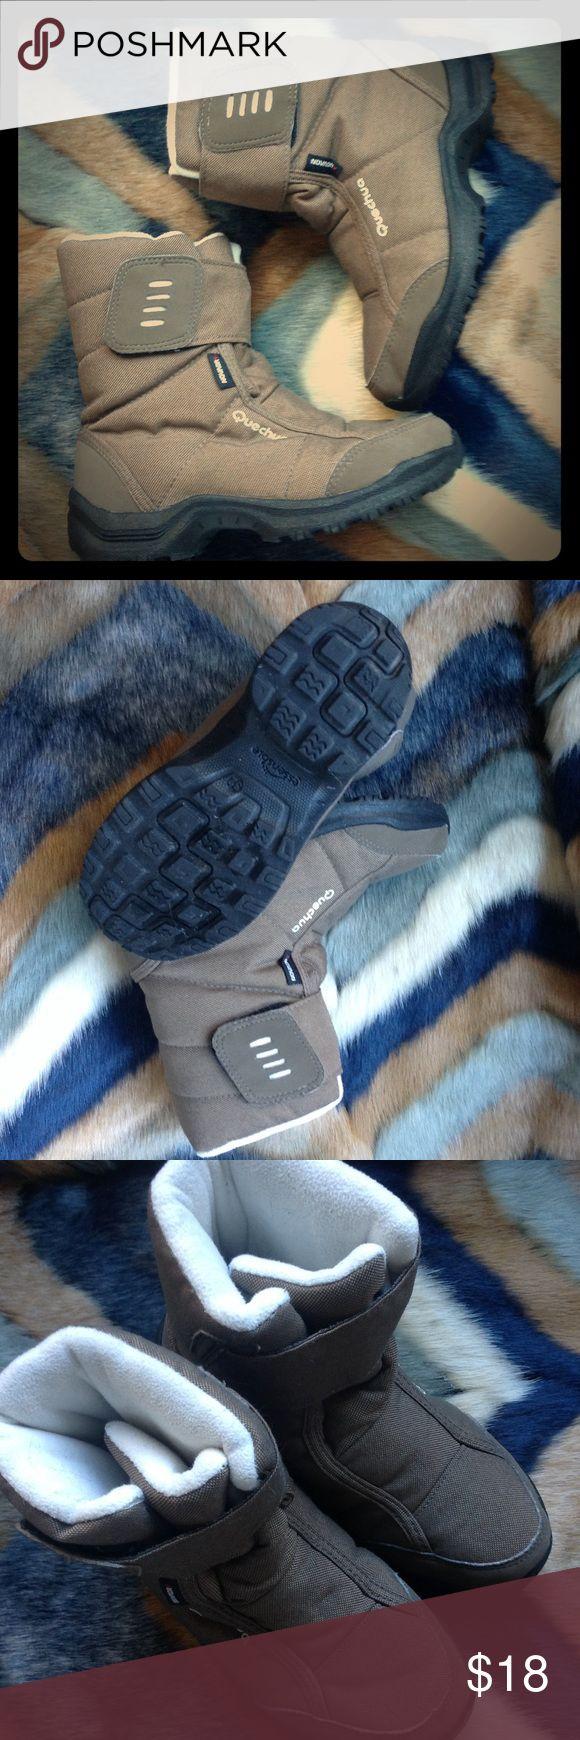 Snow boots❄️❄️ Excellent condition Quechua Shoes Rain & Snow Boots